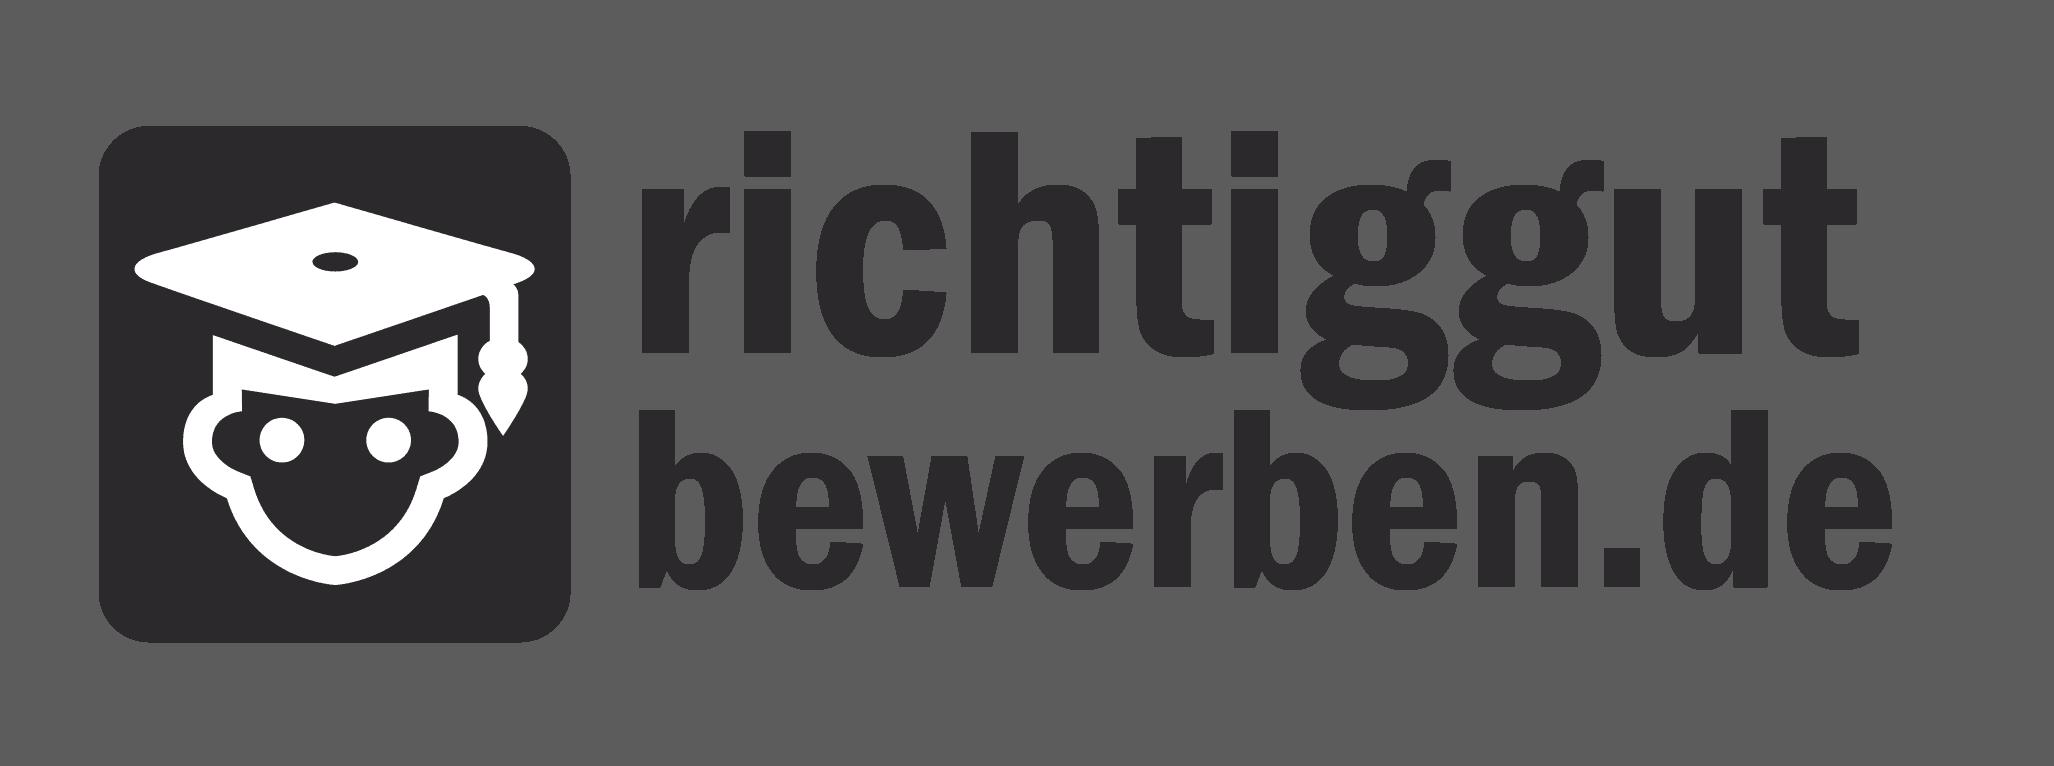 Bewerbung schreiben: Der korrekte Aufbau & Vorlagen | richtiggutbewerben.de  ...